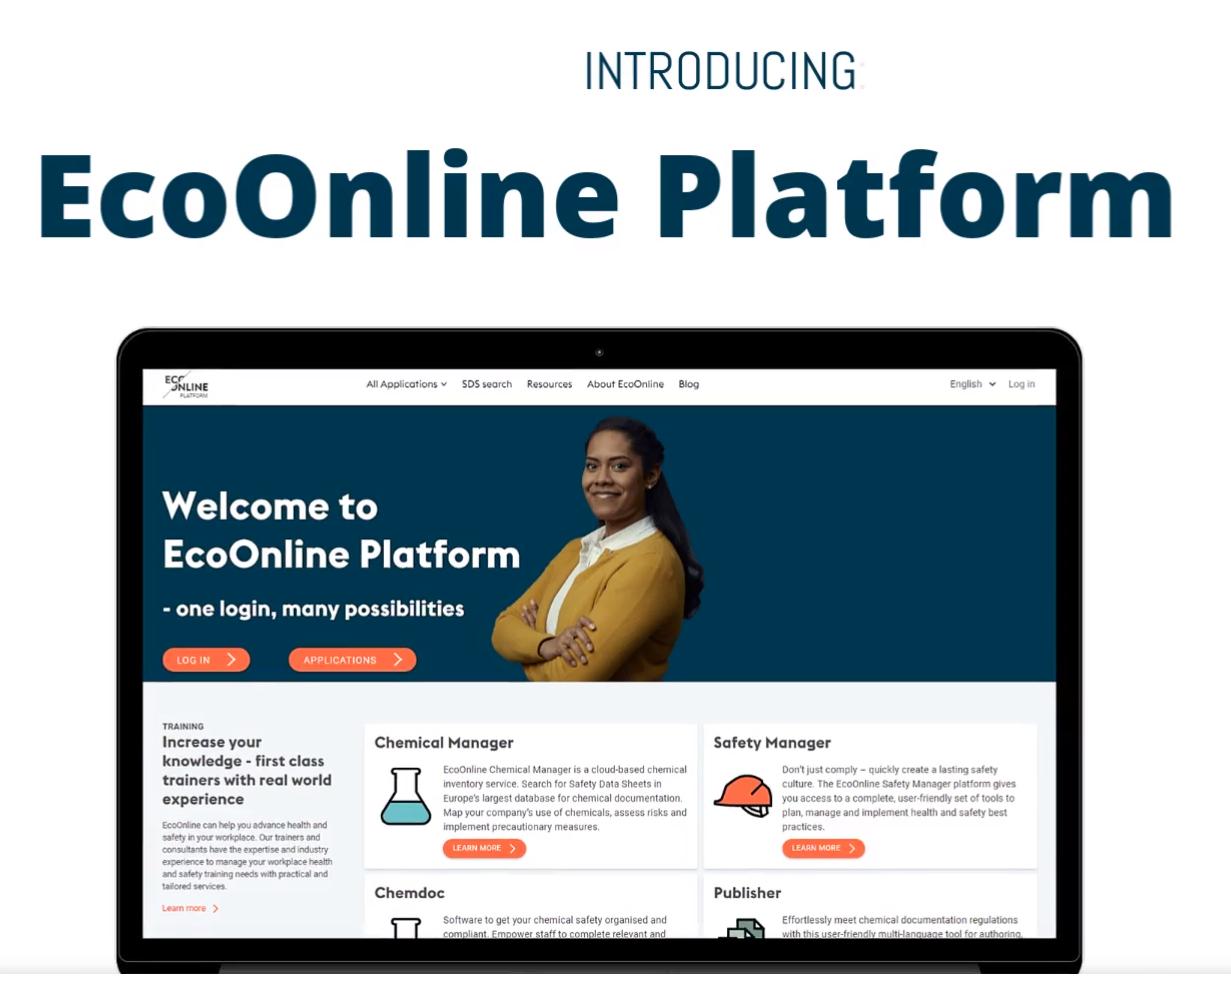 EcoOnline Platform